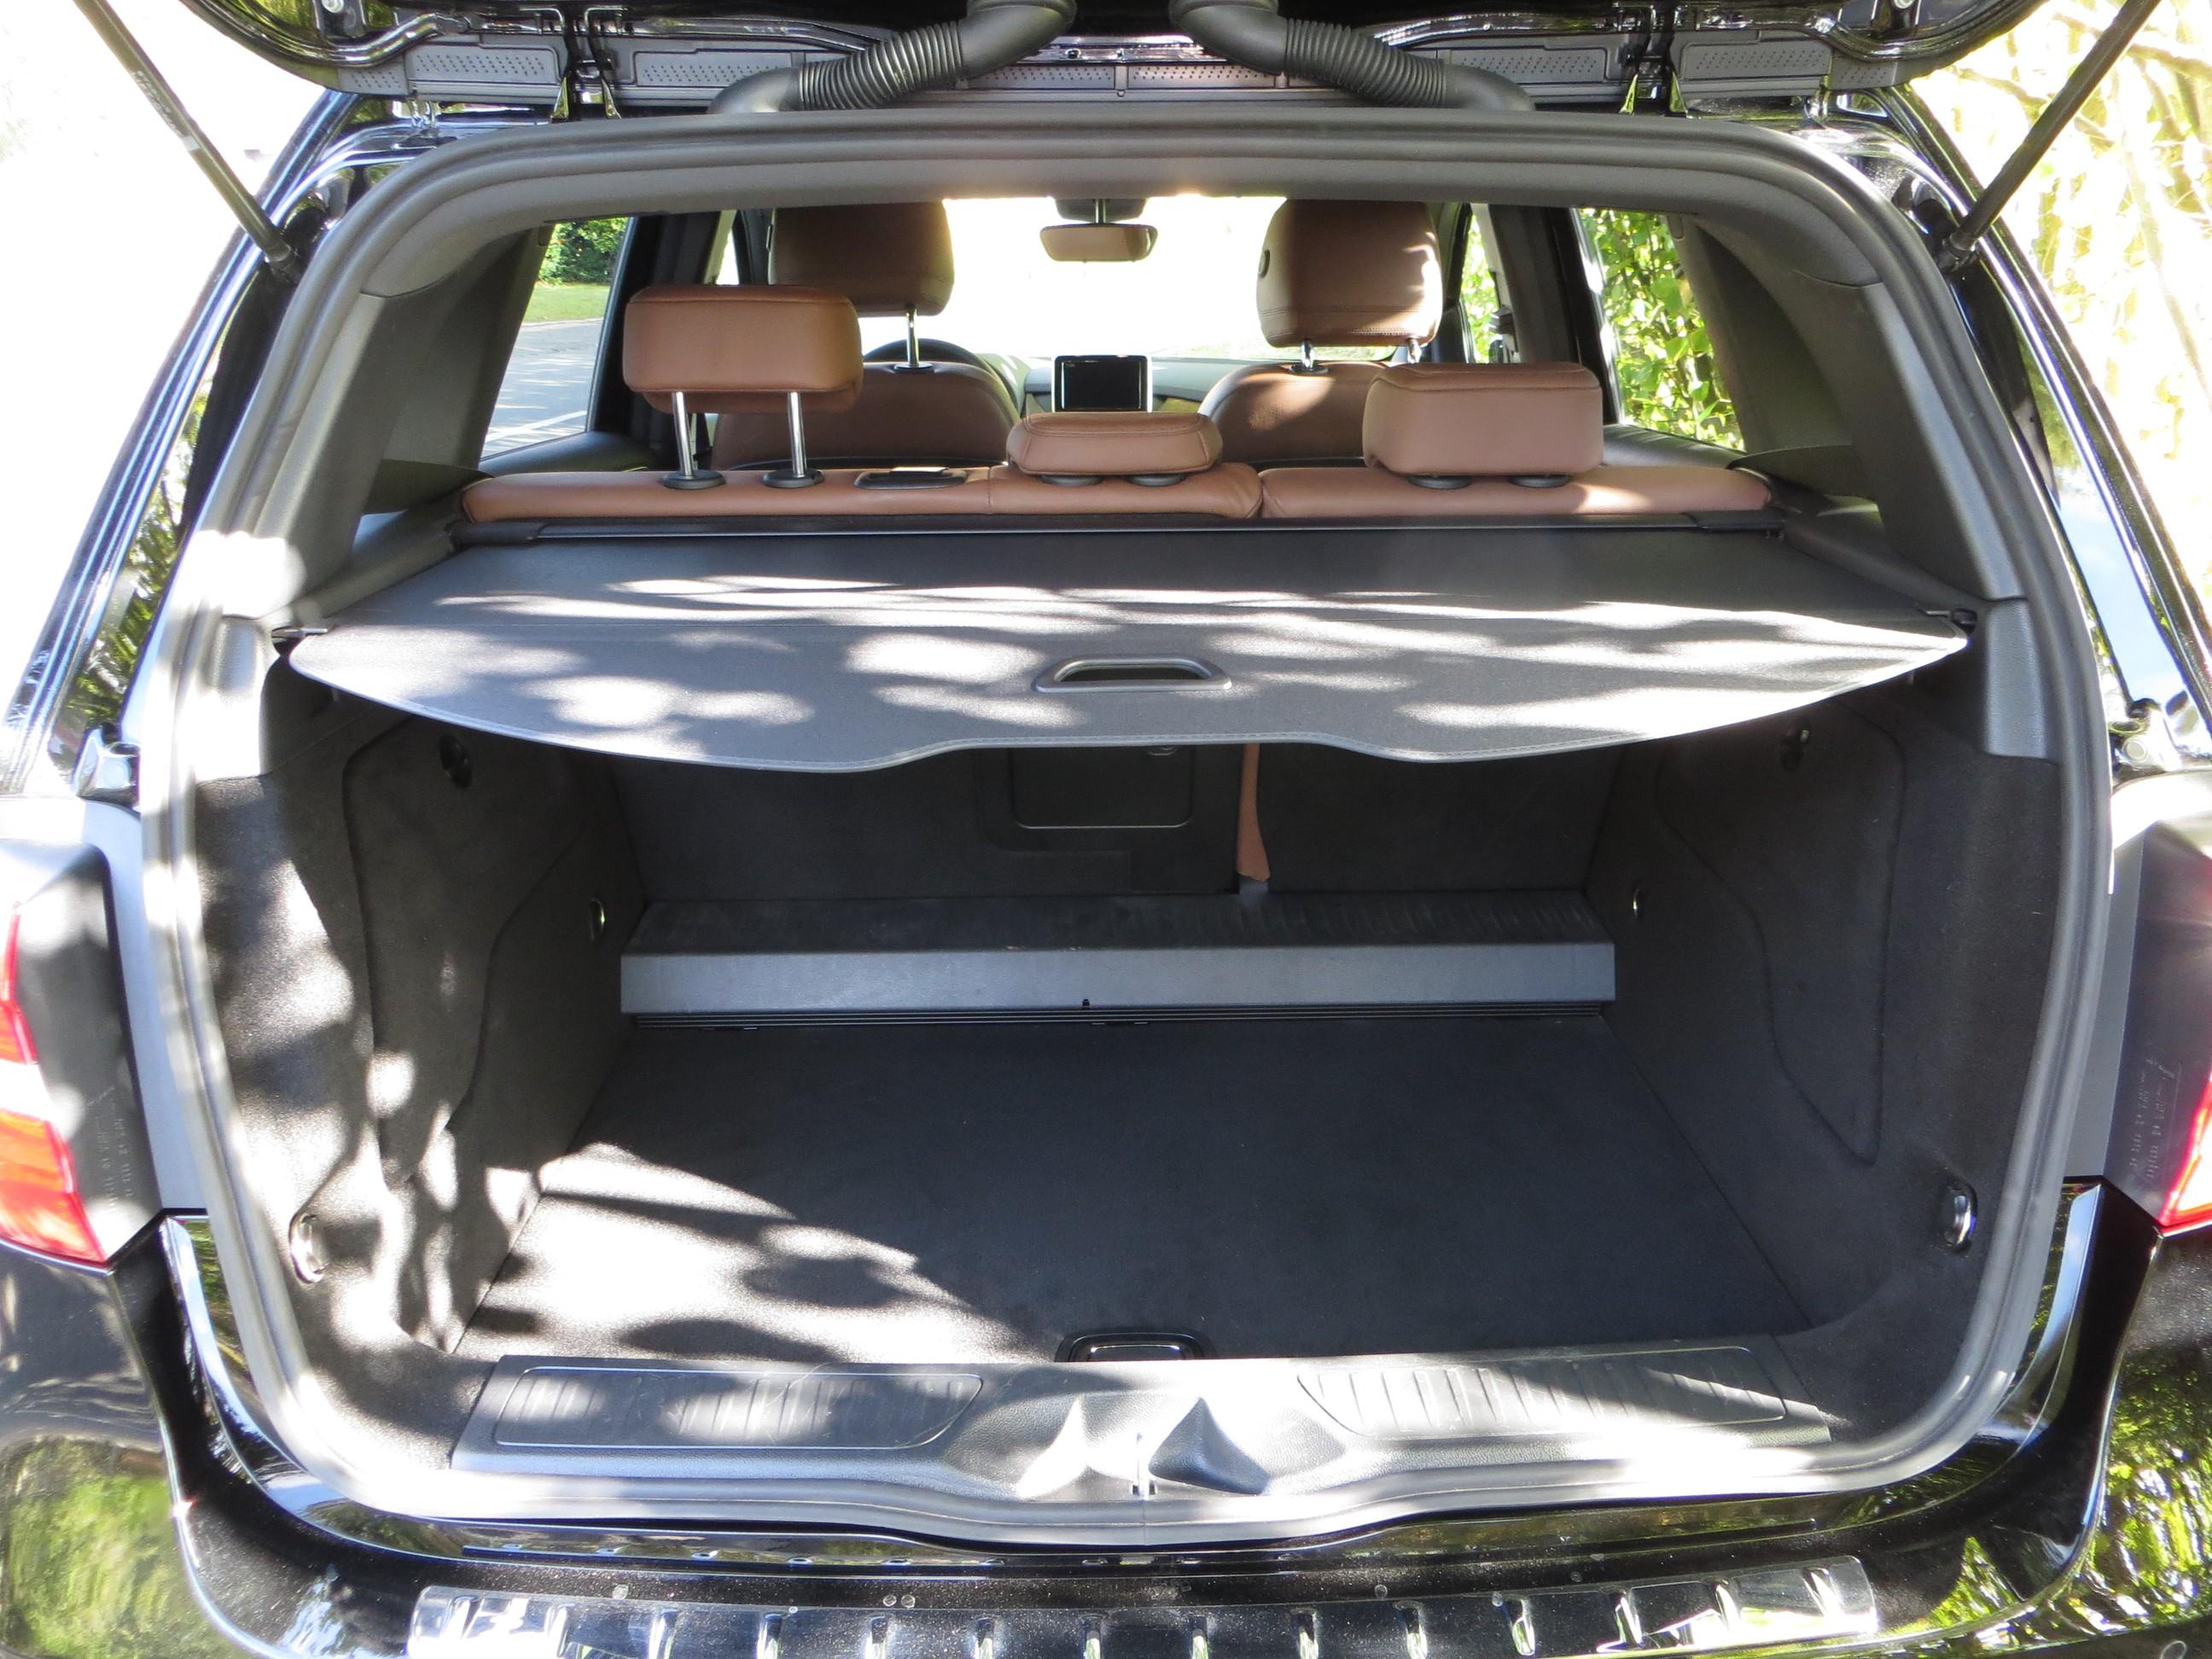 test drive rpt mercedes classe b 200 fascination 1 6t 156ch 7g dct 2012 auto titre. Black Bedroom Furniture Sets. Home Design Ideas